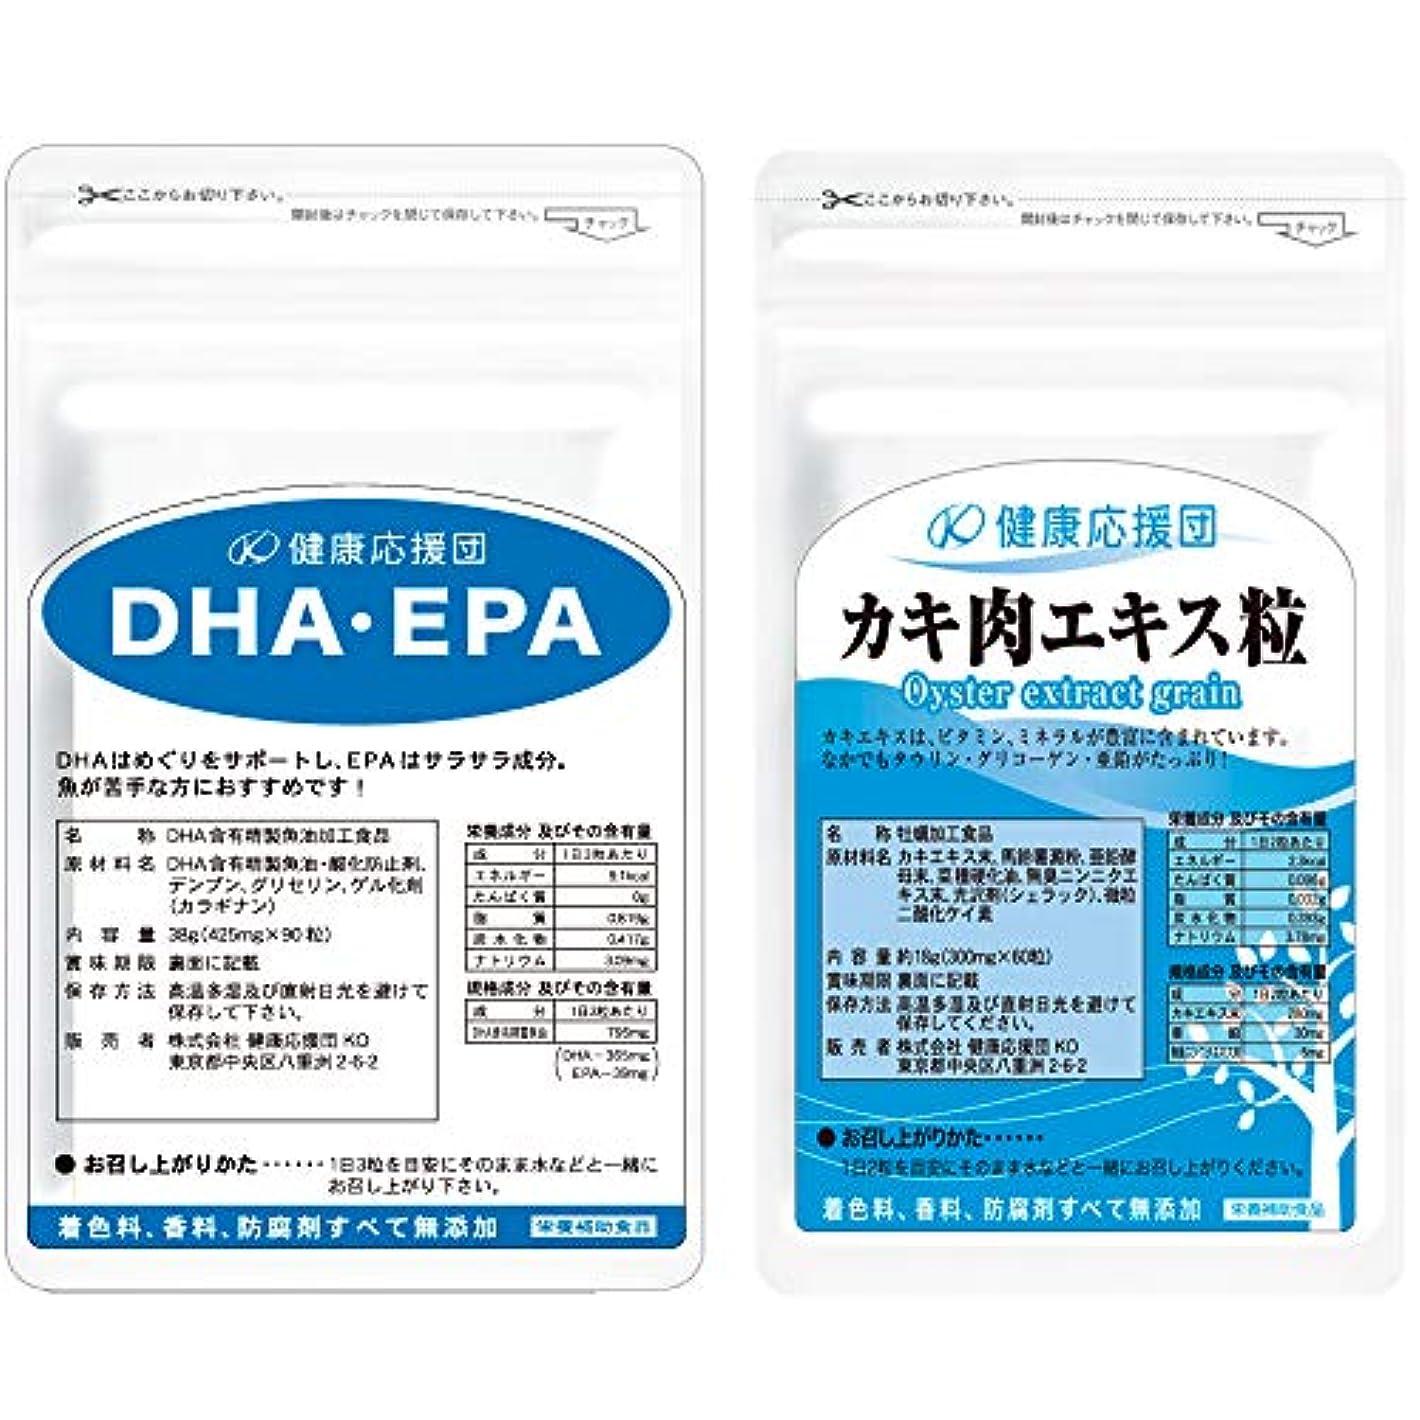 表面高揚した挑む【DHA?EPA】&【濃縮牡蠣エキス粒】 肝臓の応援セット!肝臓の数値が高めの方にお勧め!